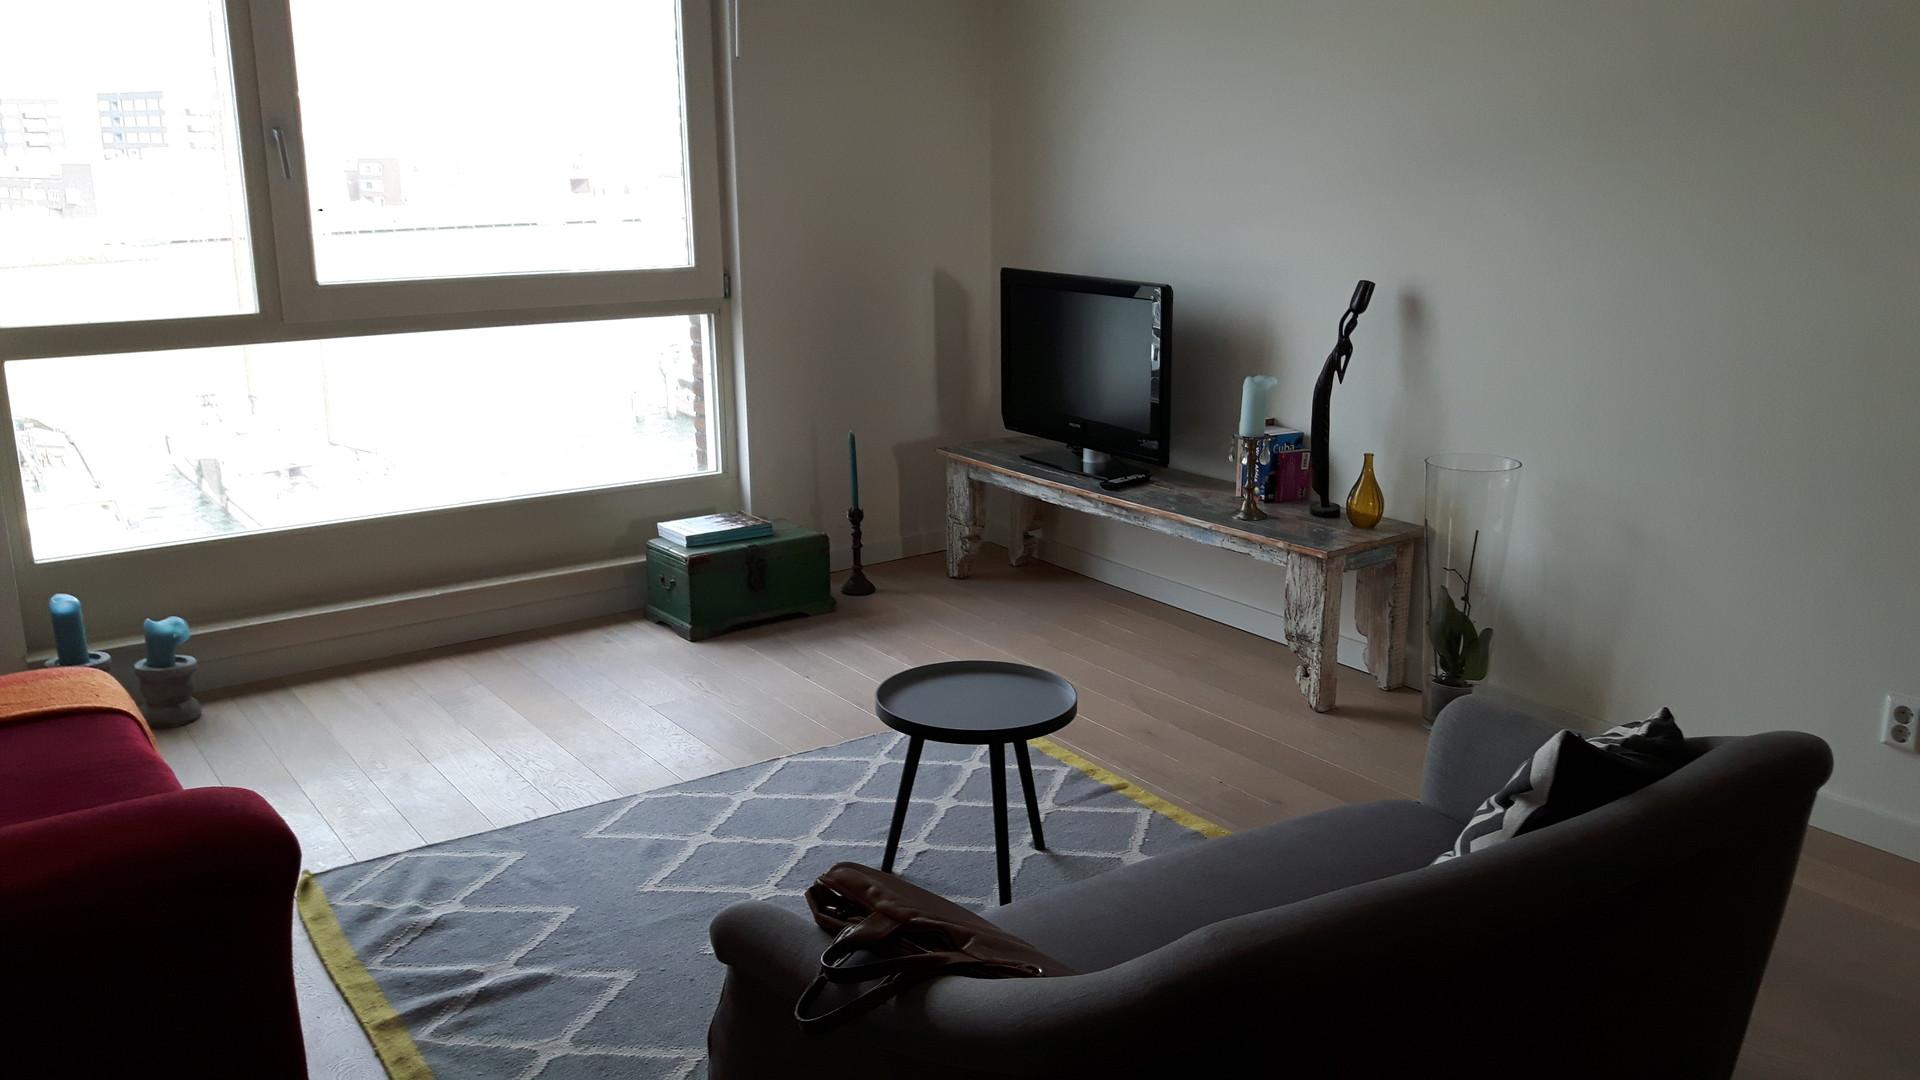 cozy-room-rent-registration-possible-fb4e77d41b52b7f01925766cde3410ac